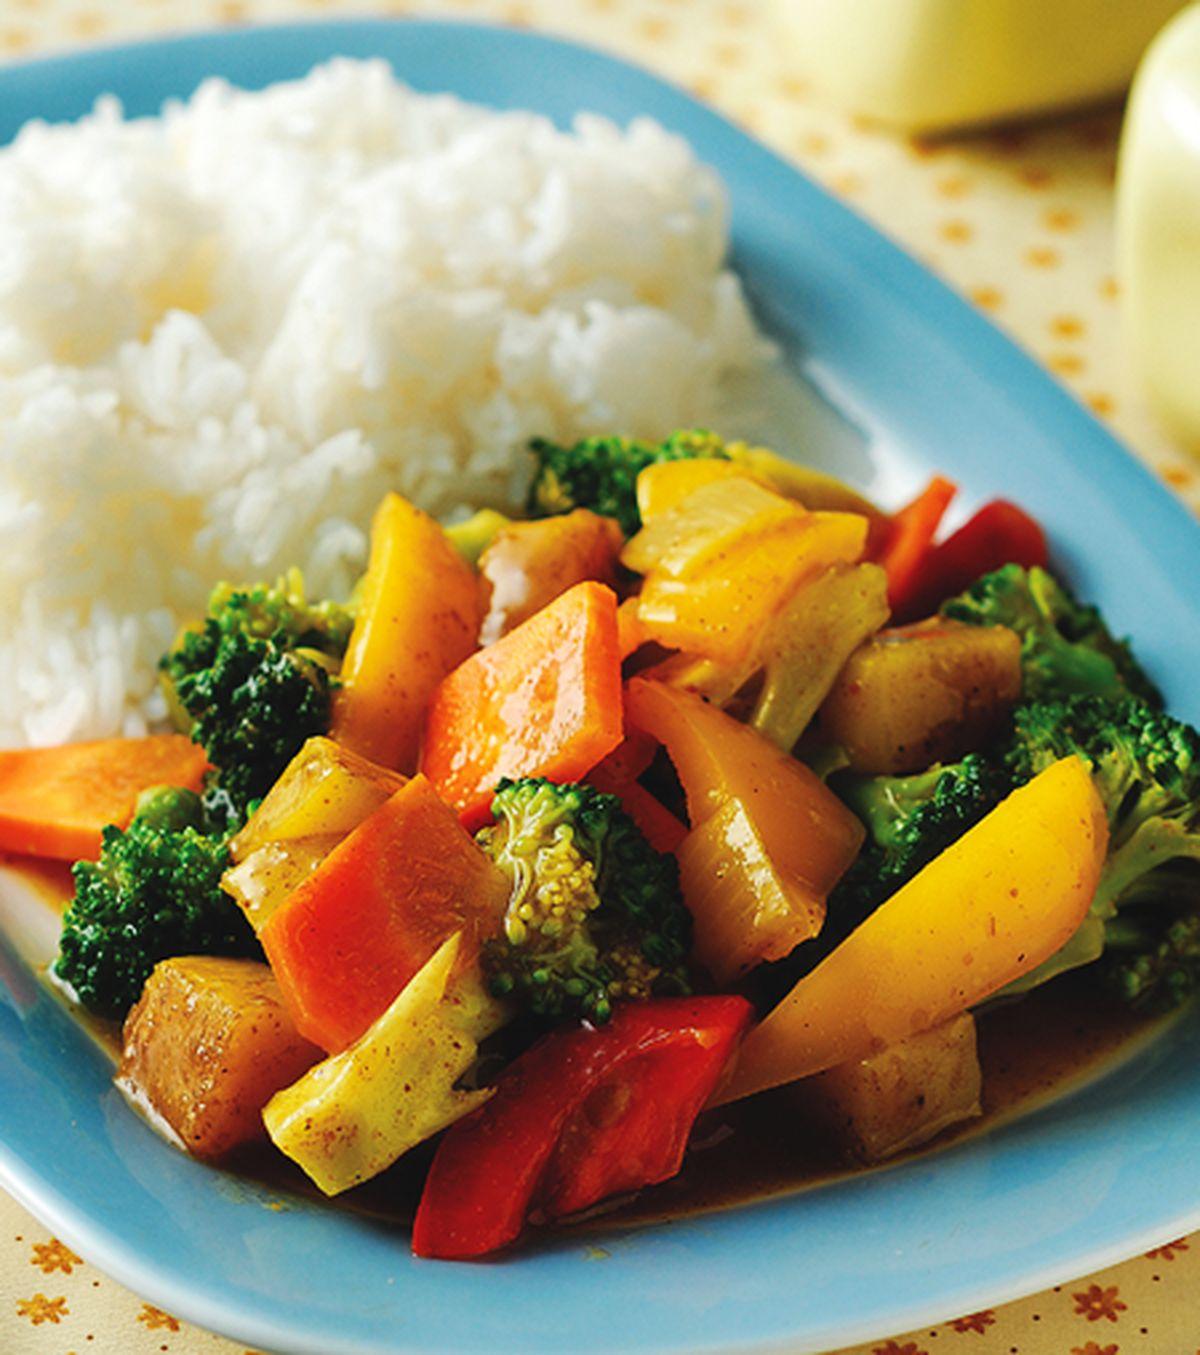 食譜:馬來咖哩蔬菜飯